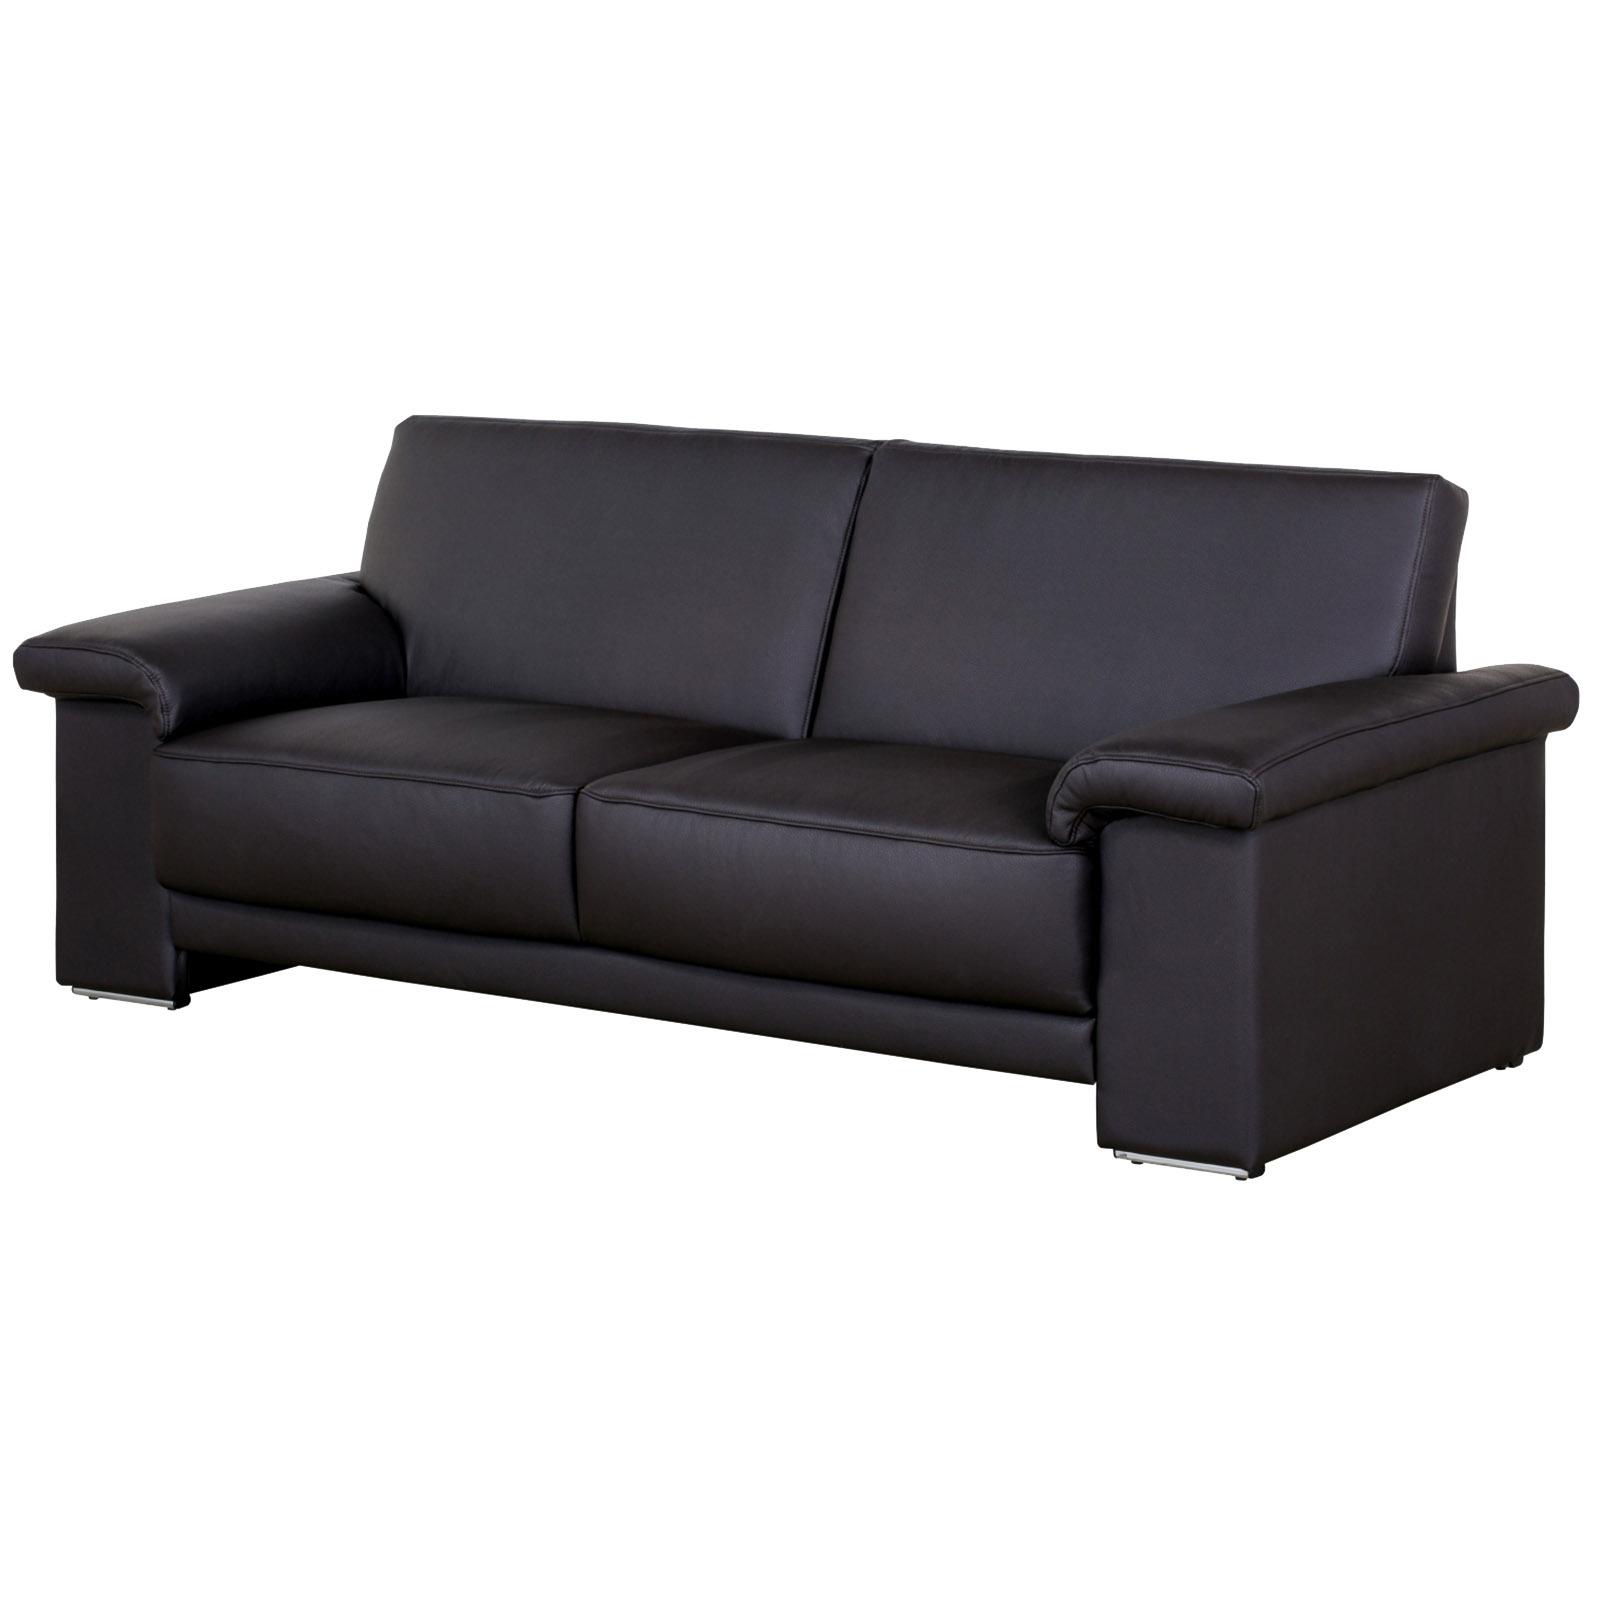 Full Size of Federkern Sofa Zu Hart Was Ist Das Durchgesessen Ikea Knarrt Reparieren Selbst Mit Schlaffunktion Reparatur Kosten Quietscht Gut Oder Schlecht Bonell Vorteile Sofa Federkern Sofa